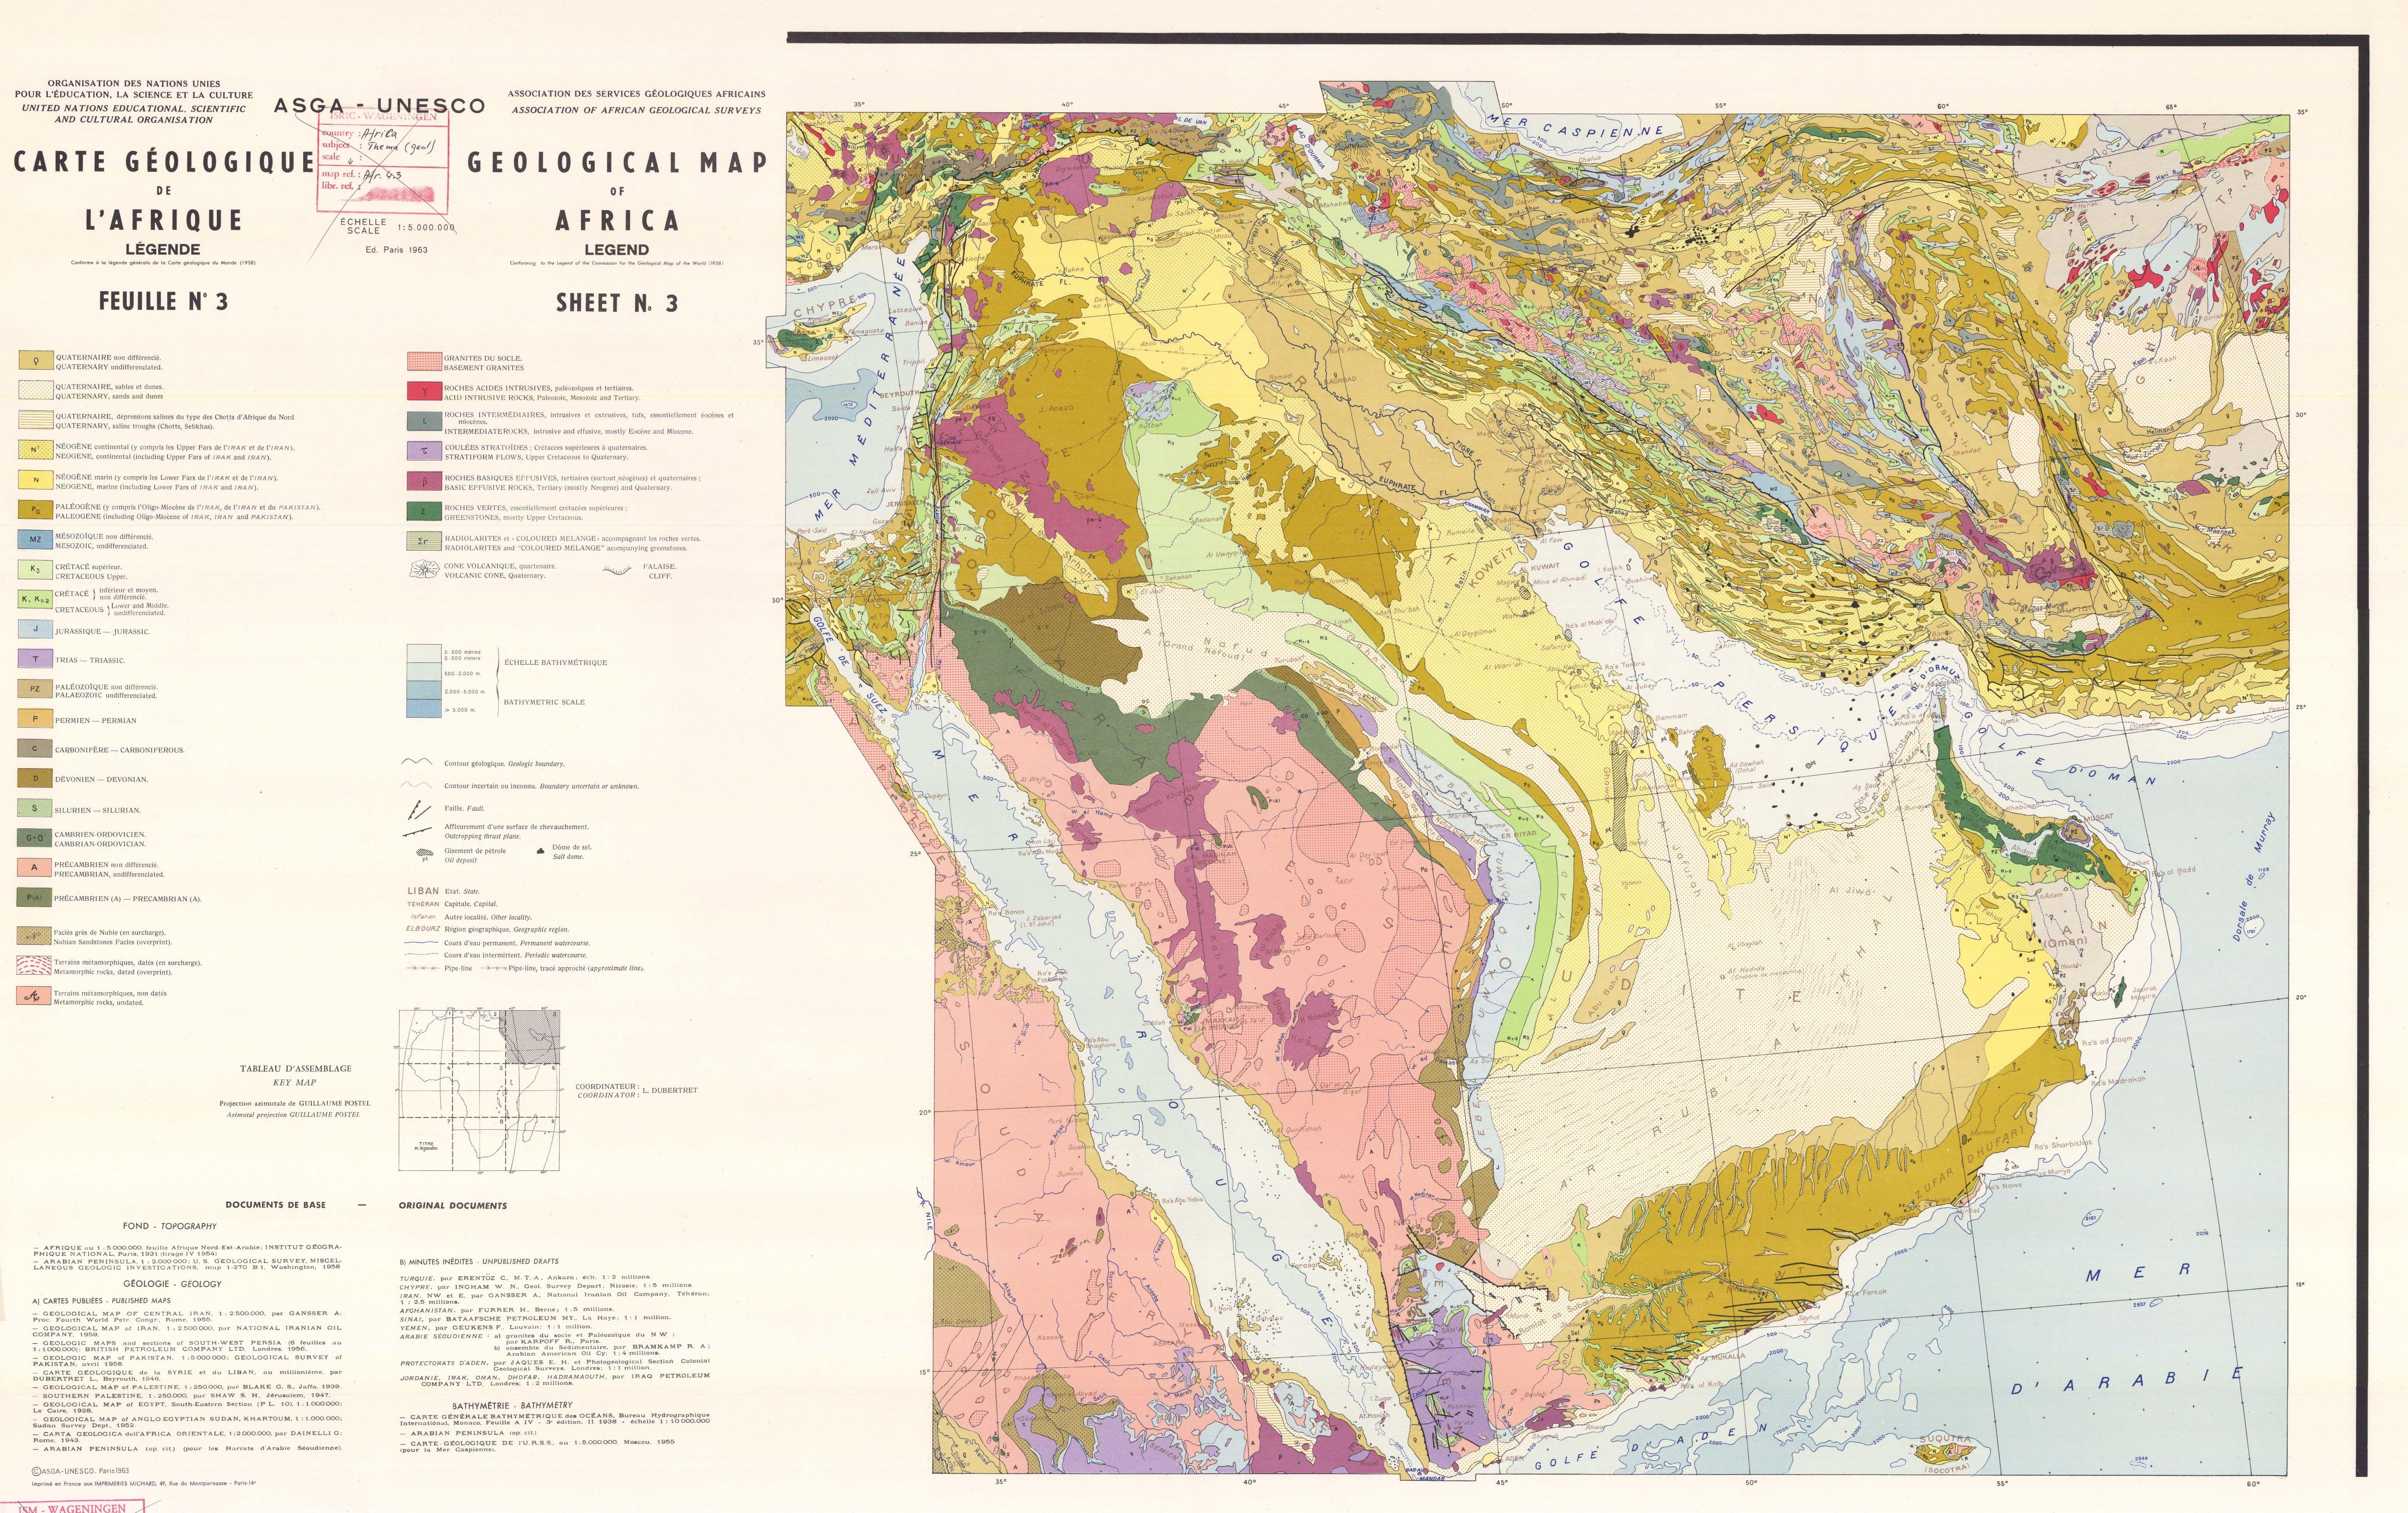 Carte Geologique Afrique Du Sud.Carte Geologique De L Afrique Feuille N 3 Asga Unesco Paris